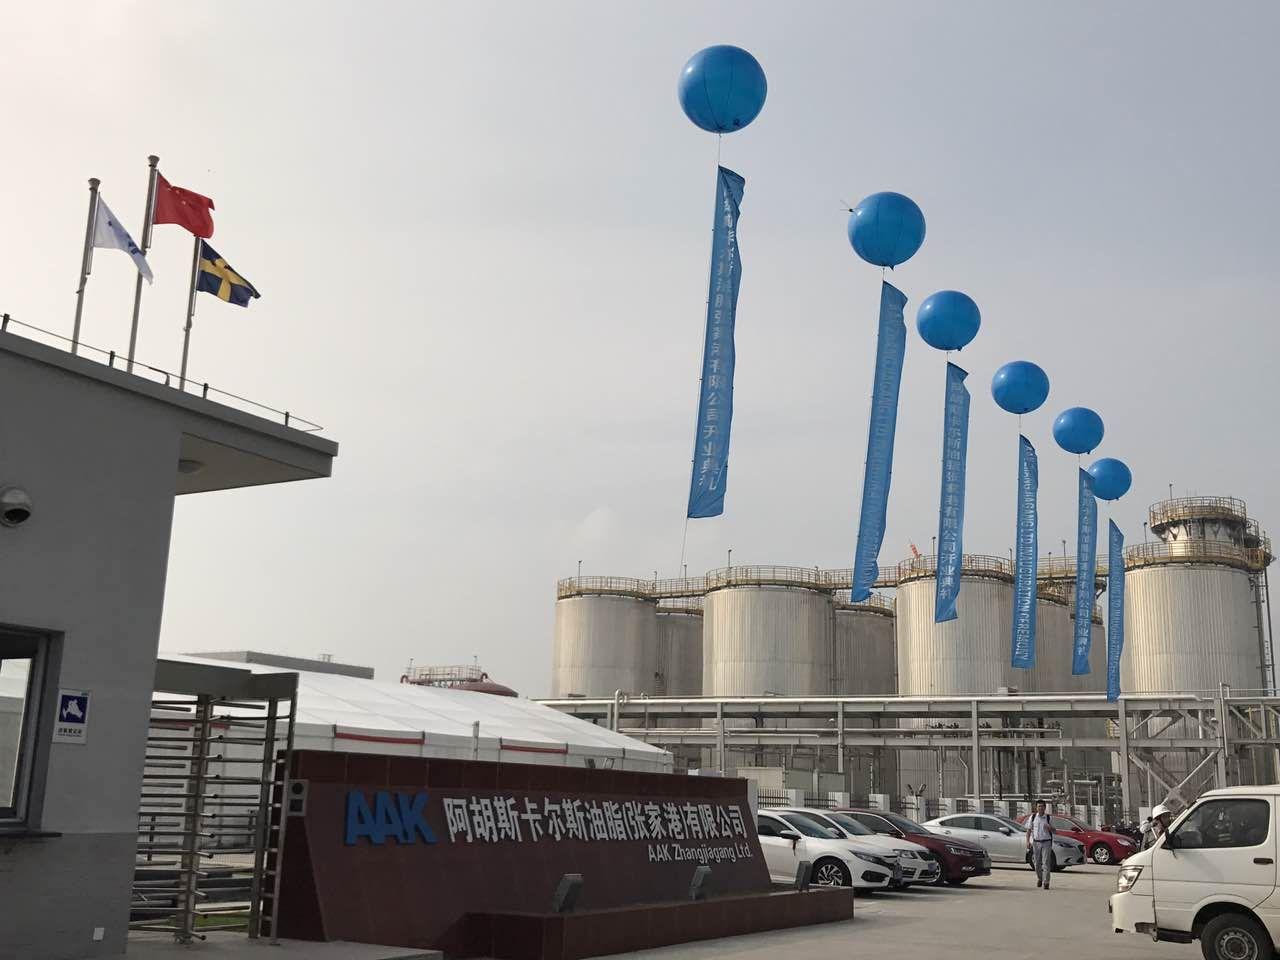 瑞典AAK集团阿胡斯卡尔斯油脂(张家港)有限公司与华泰机械成功签订合作协议